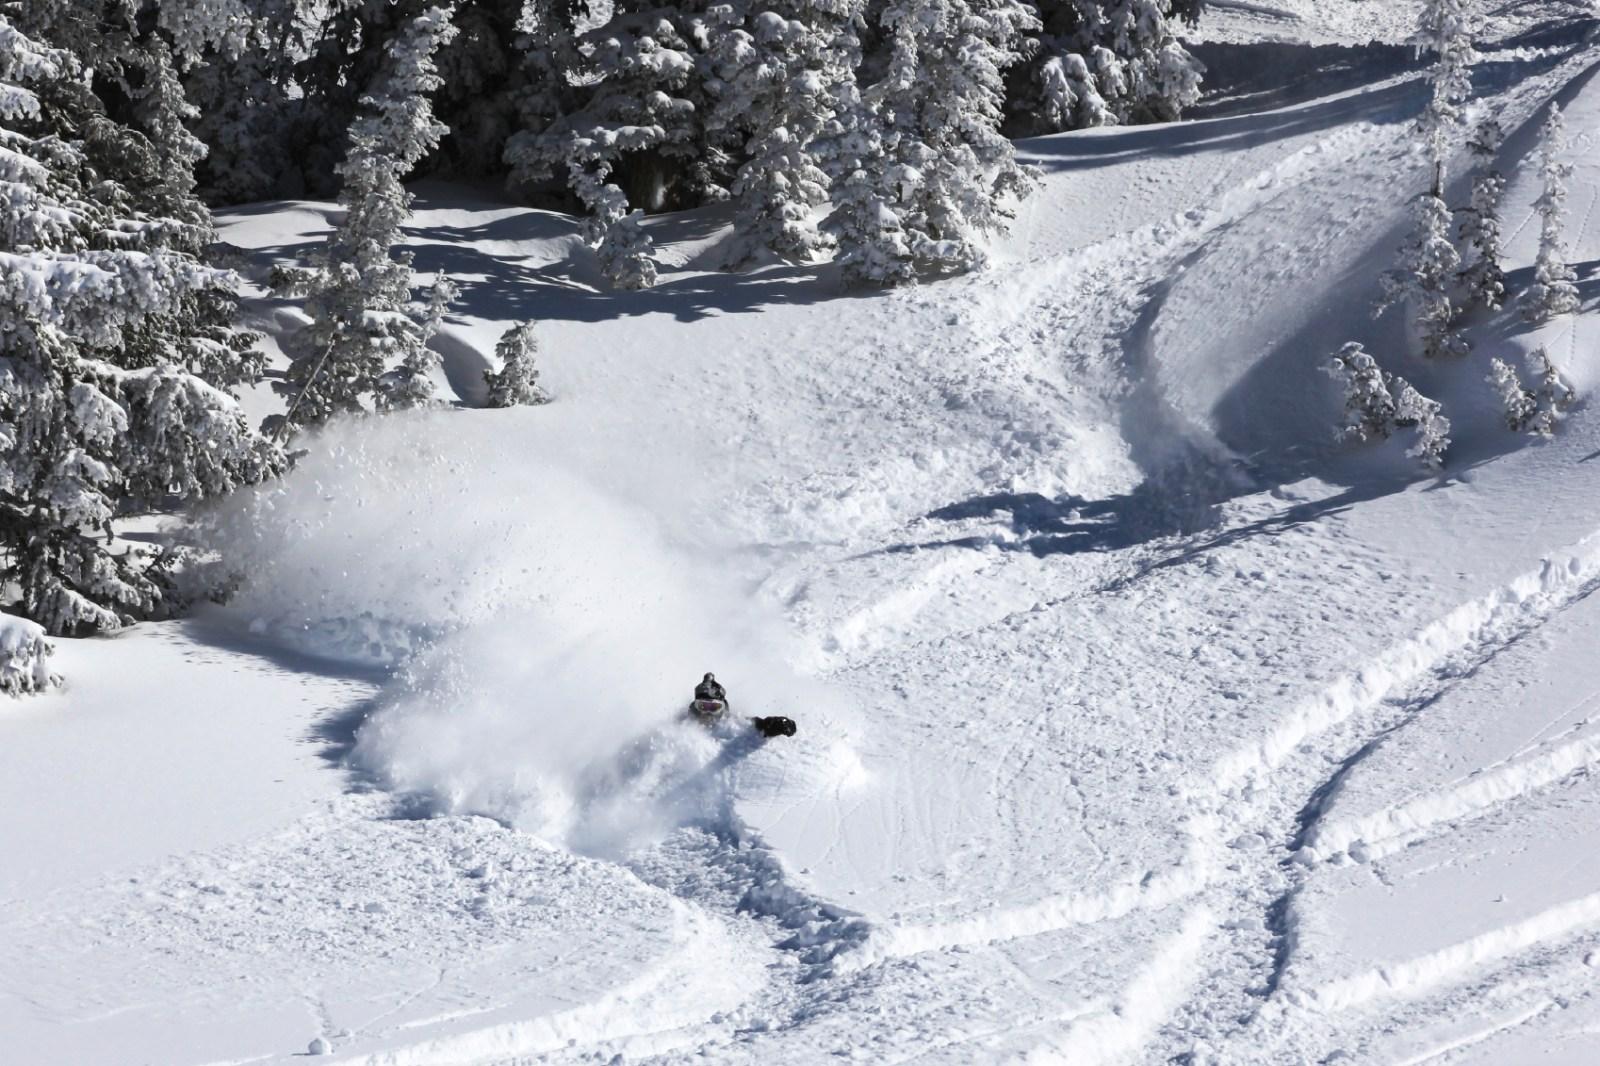 Man skiing through powder